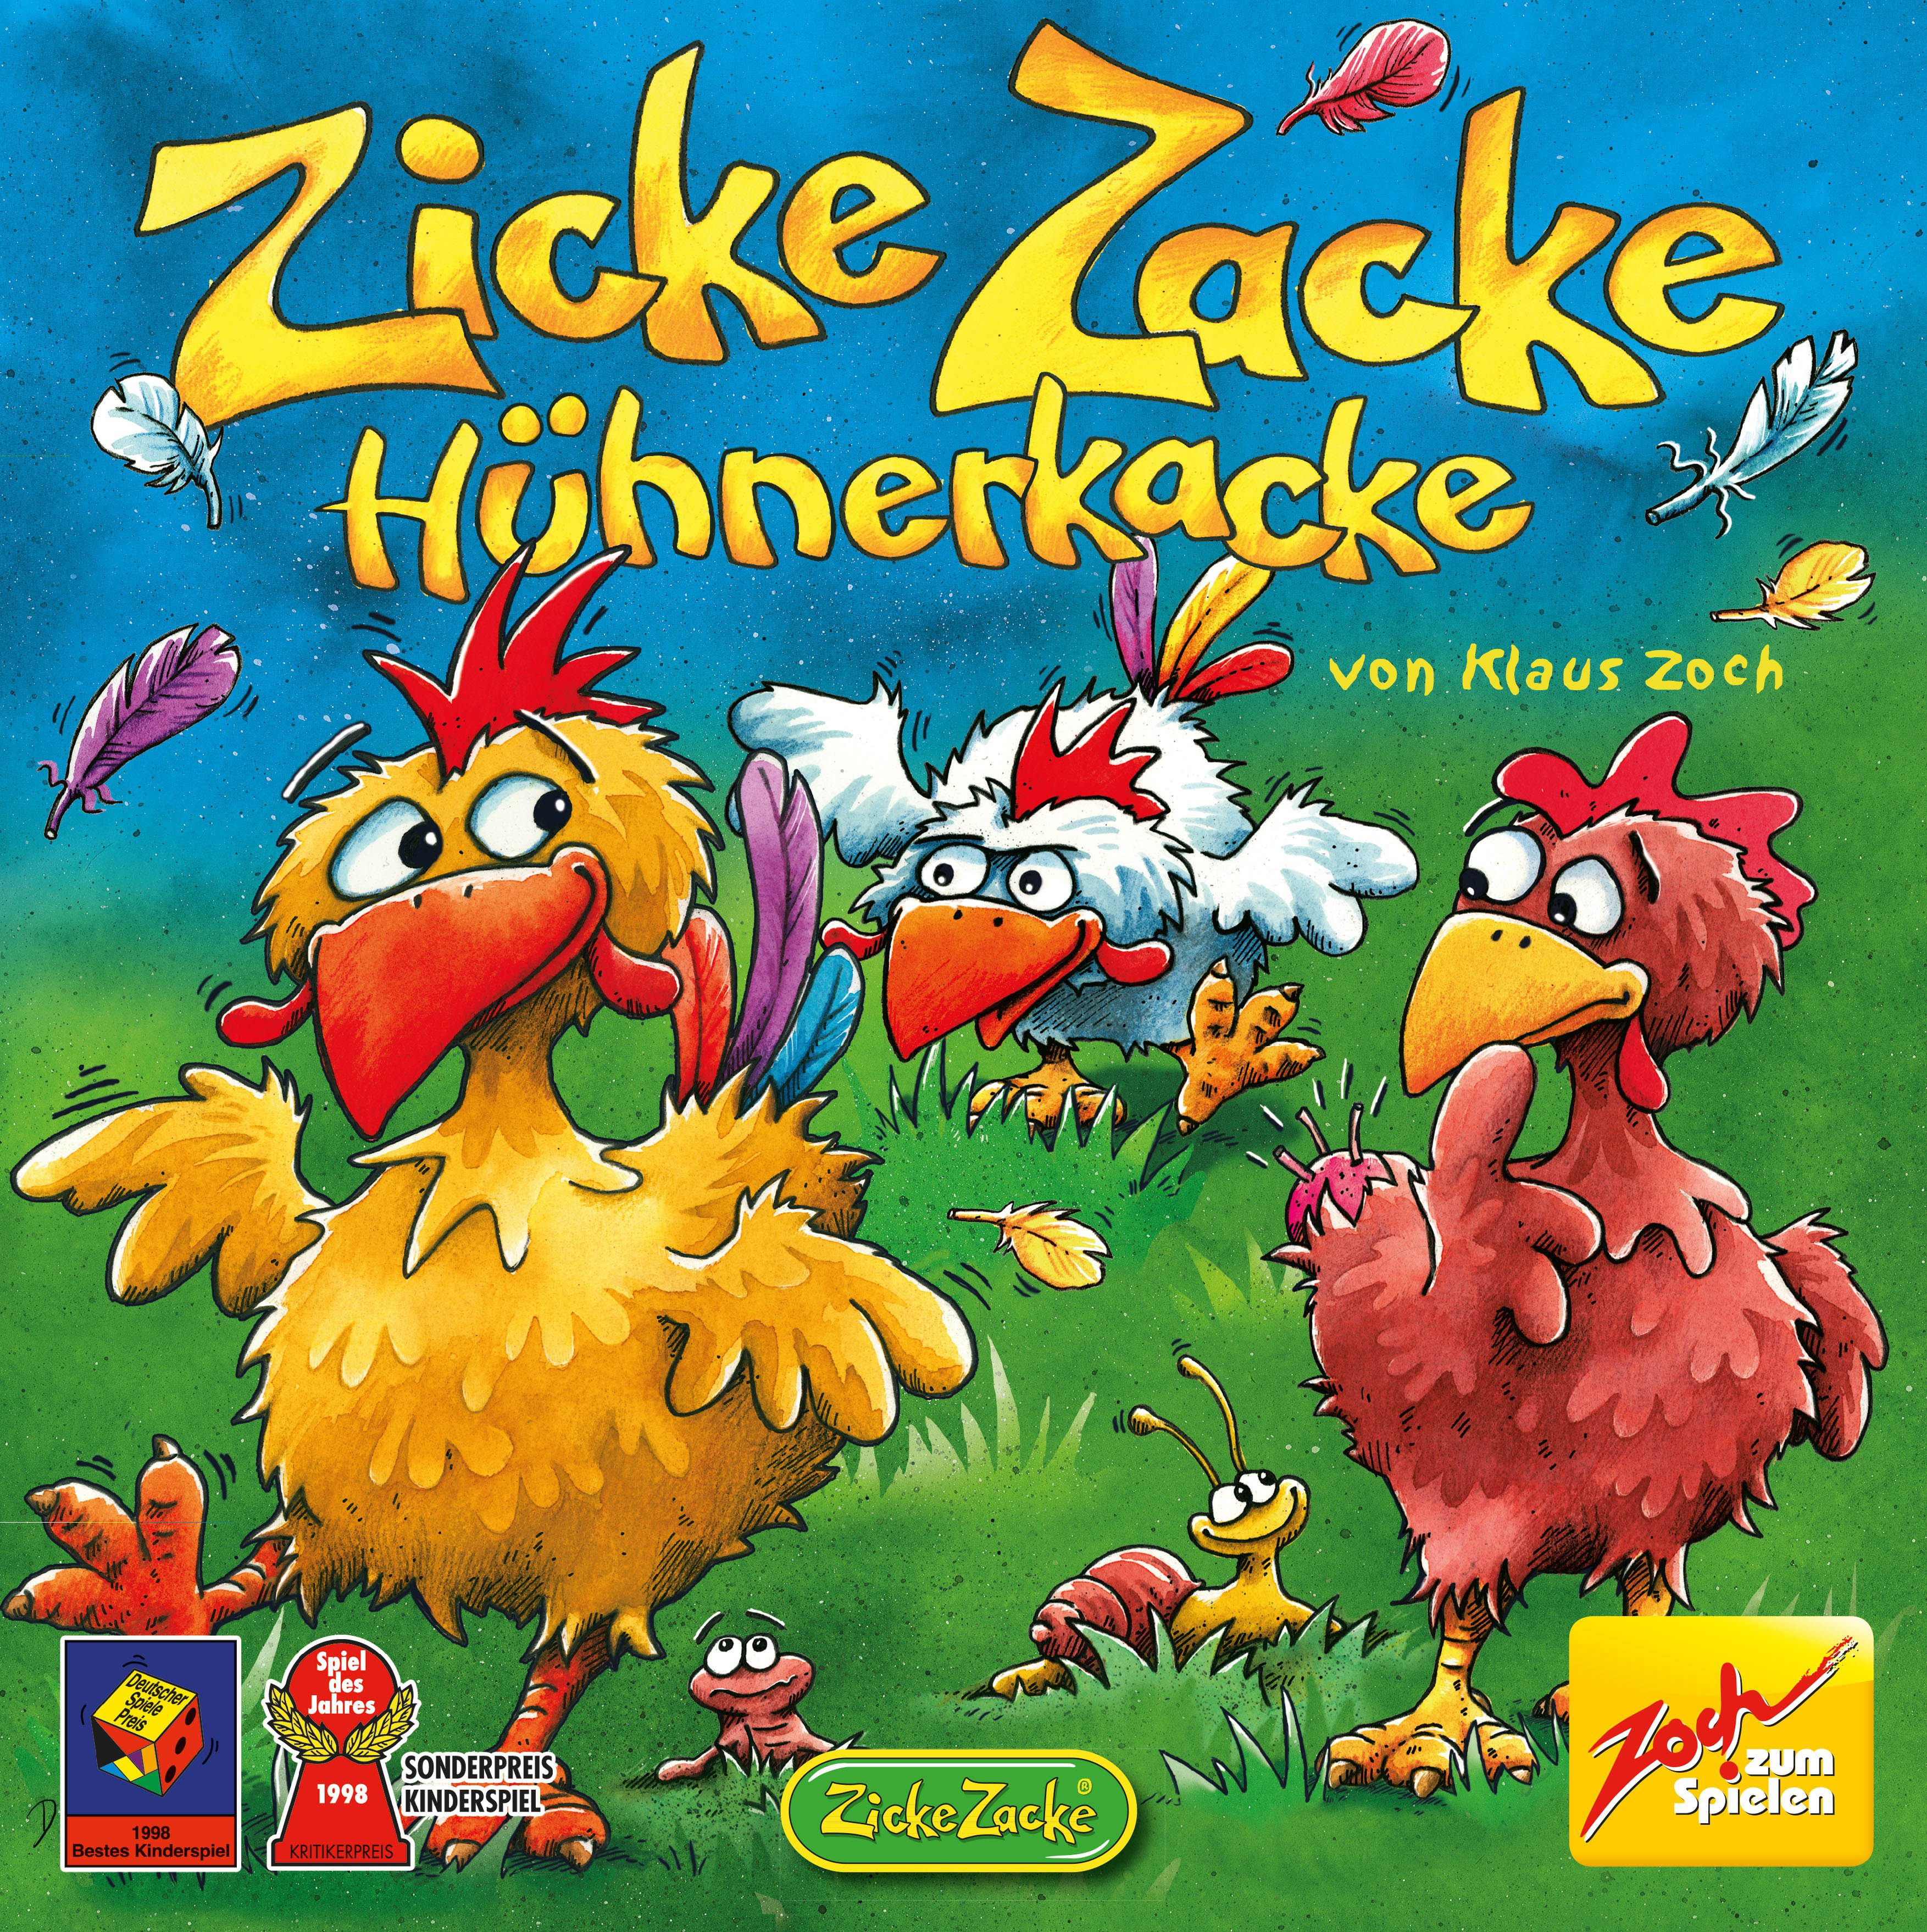 Zicke Zacke Hühnerkacke Spiel